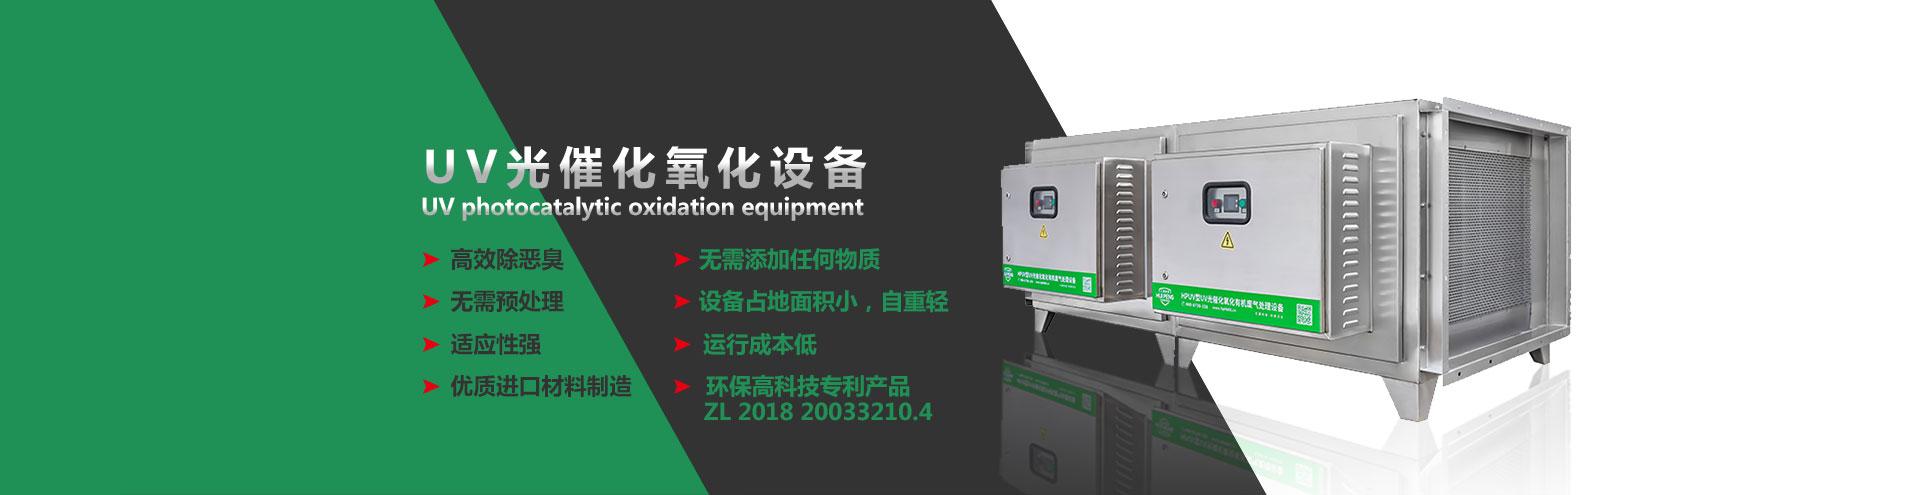 uv光解设备,UV光催化氧化设备,亚博yabo2014处理设备